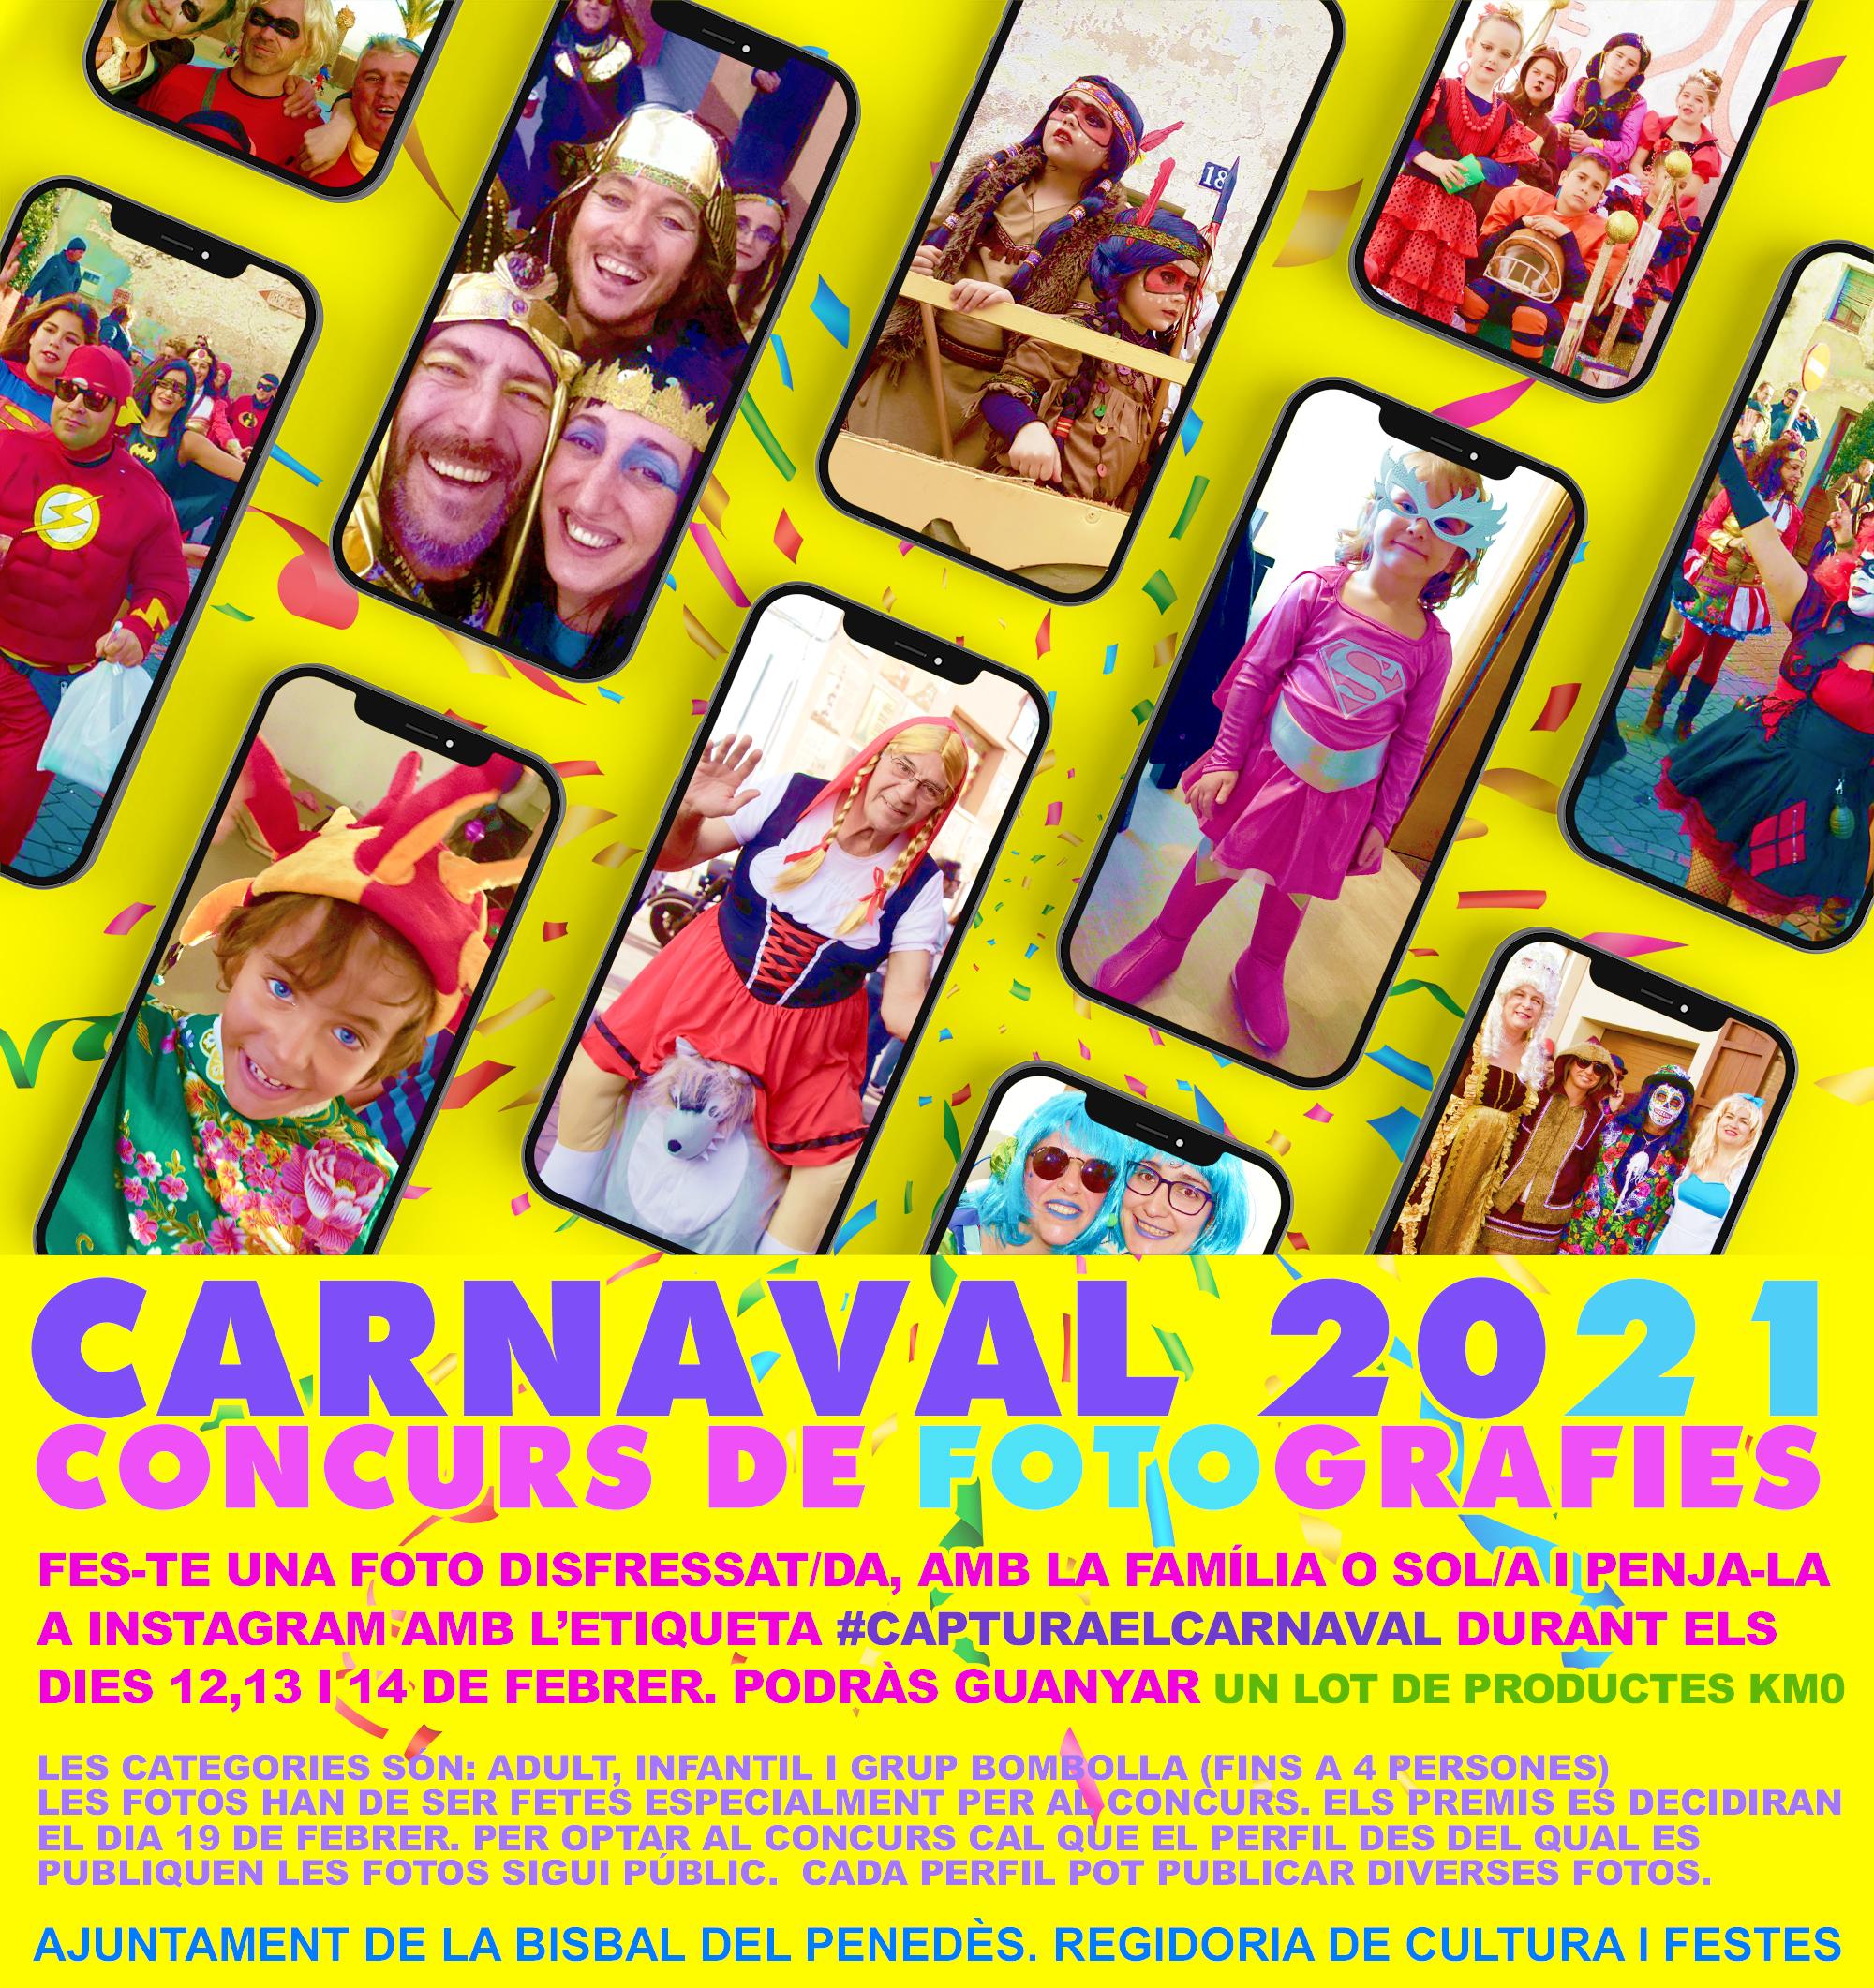 Aquests són els premis del Concurs de fotografia d'Instagram del Carnaval 2021